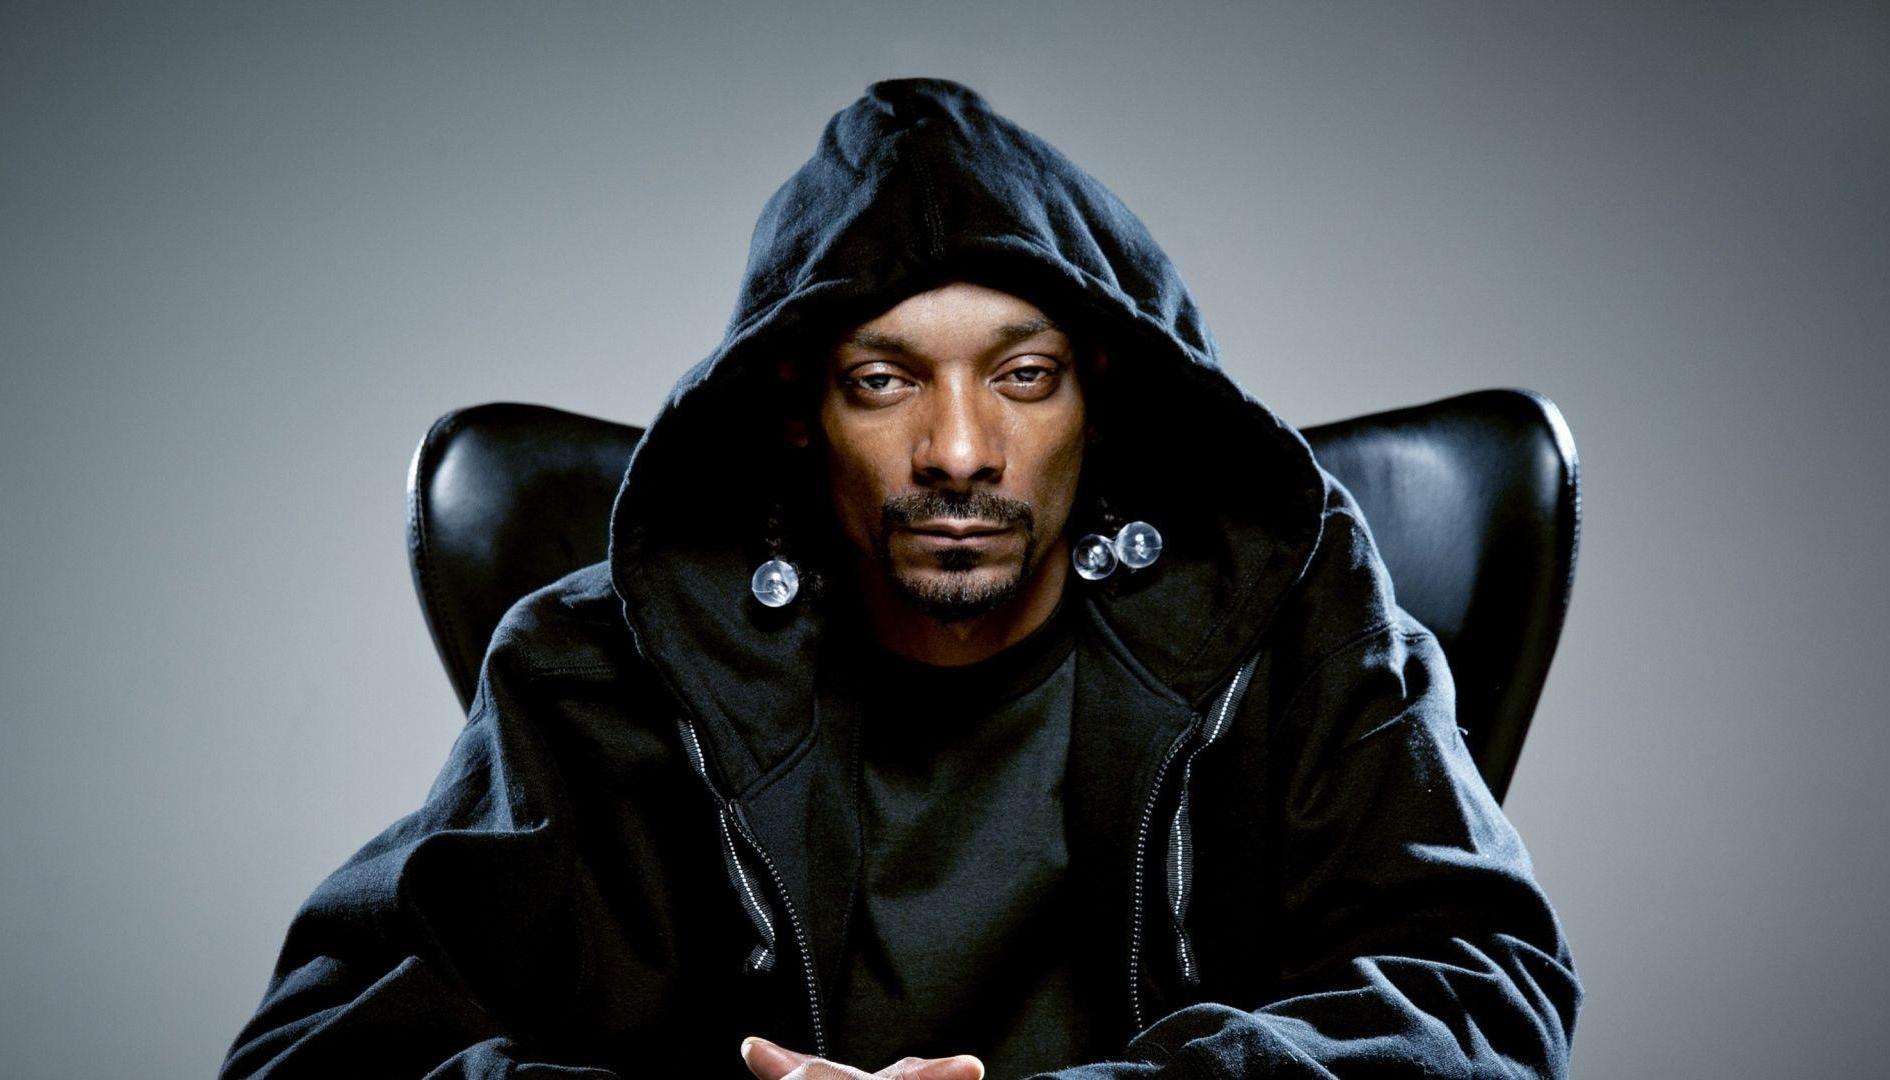 Twitch: Snoop Dogg perde una partita, la reazione è inaspettata